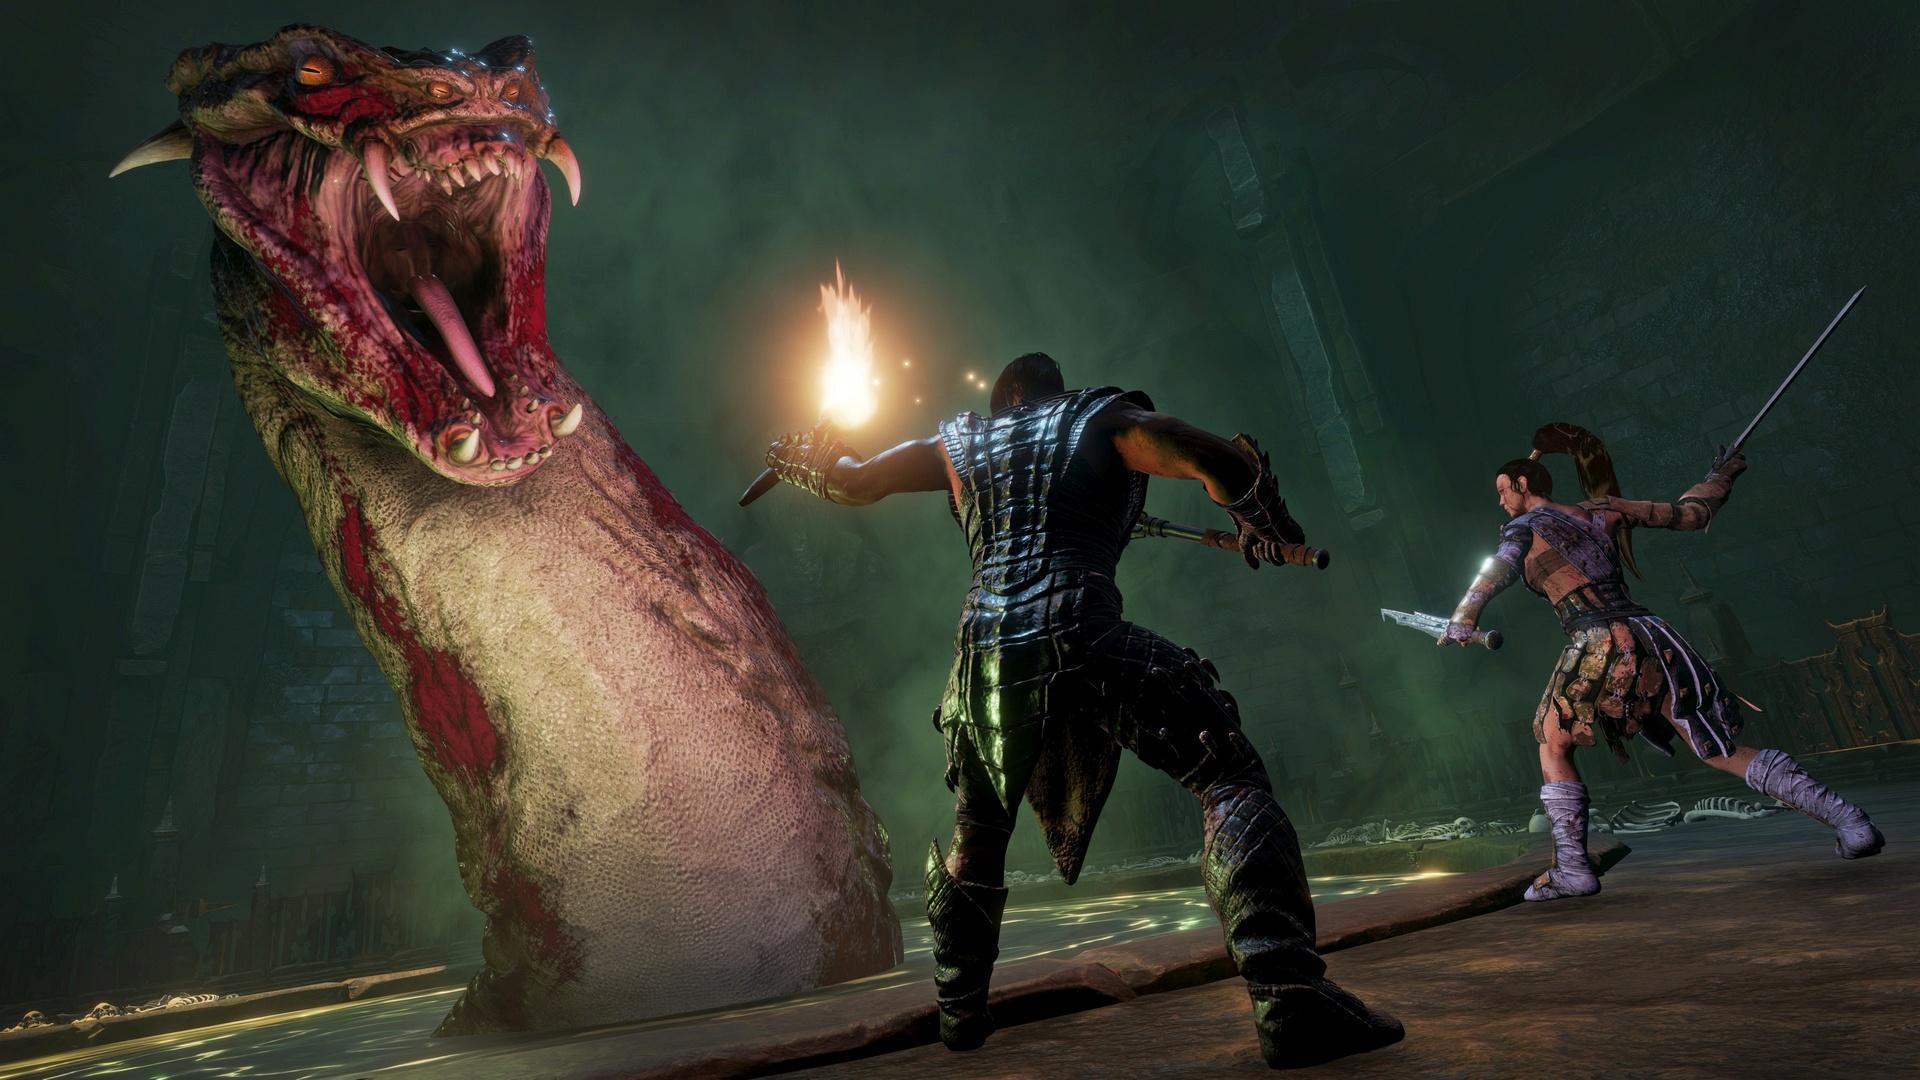 Conan Exiles Details Zu Enhanced Features Auf Xbox One X Und Ps4